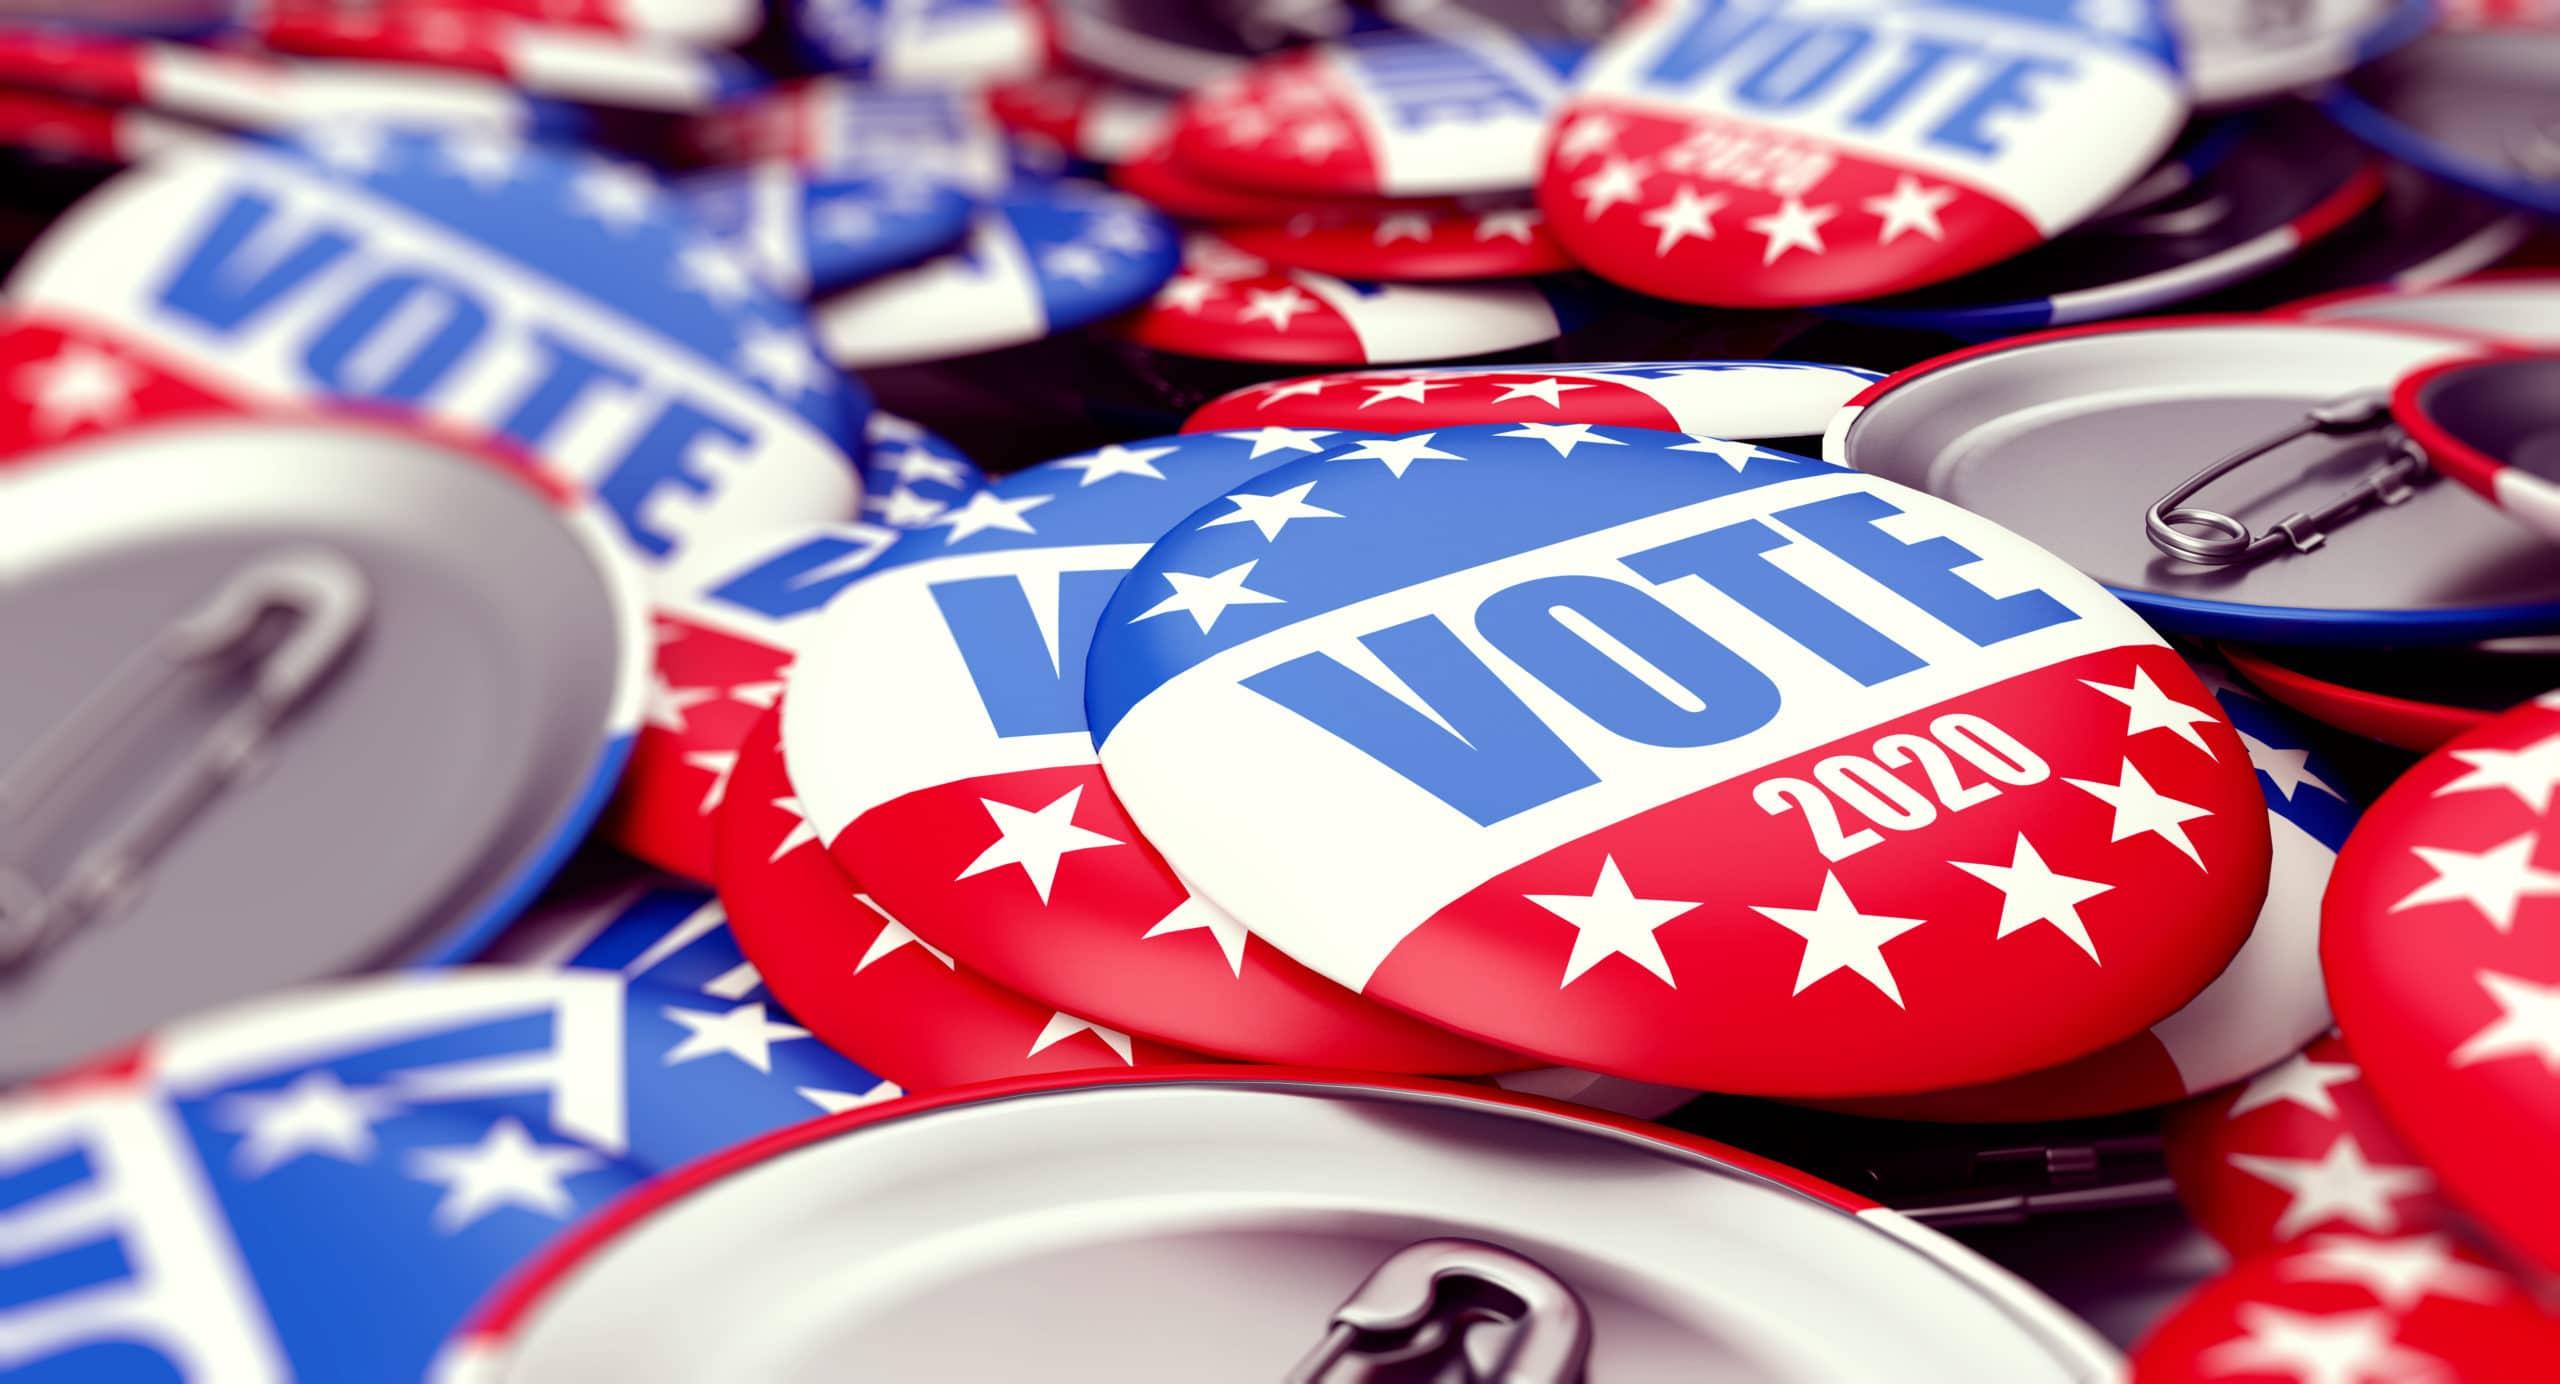 Prepare for 2020 Election